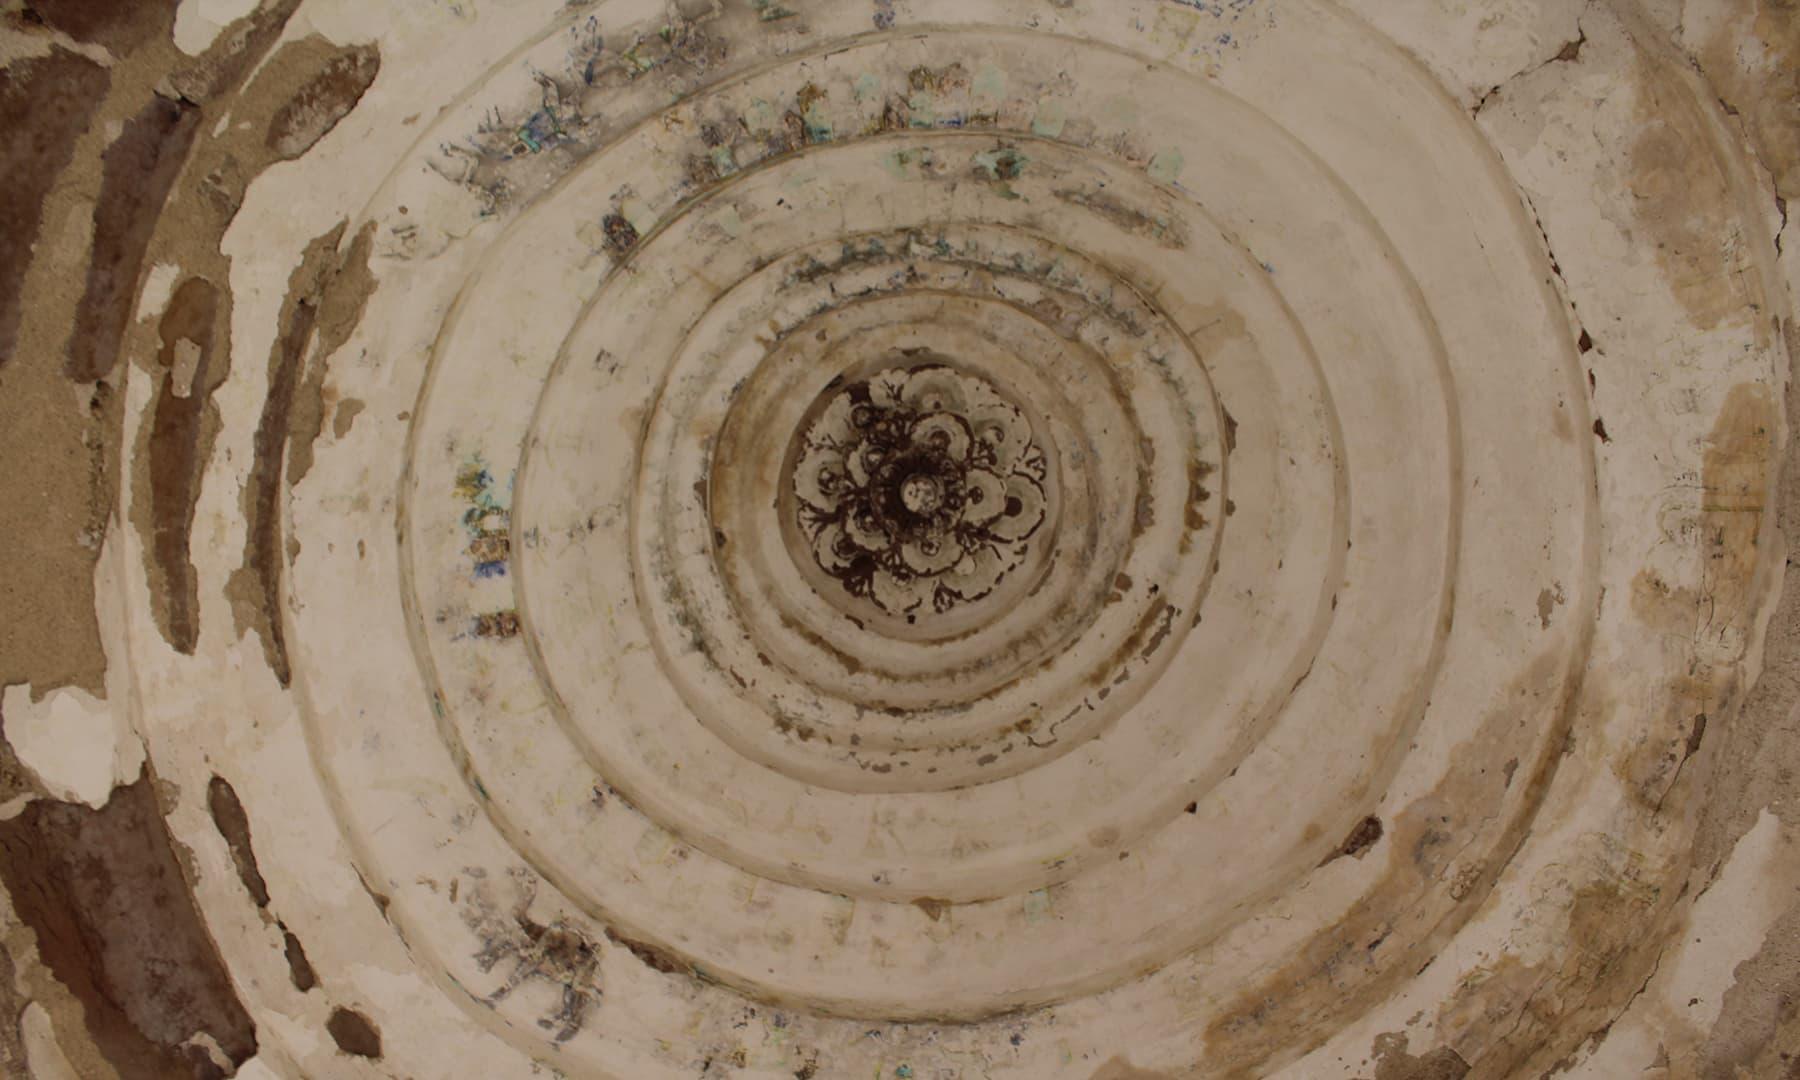 ویرا واہ کے گنبد کا اندرونی منظر—تصویر اختر حفیظ